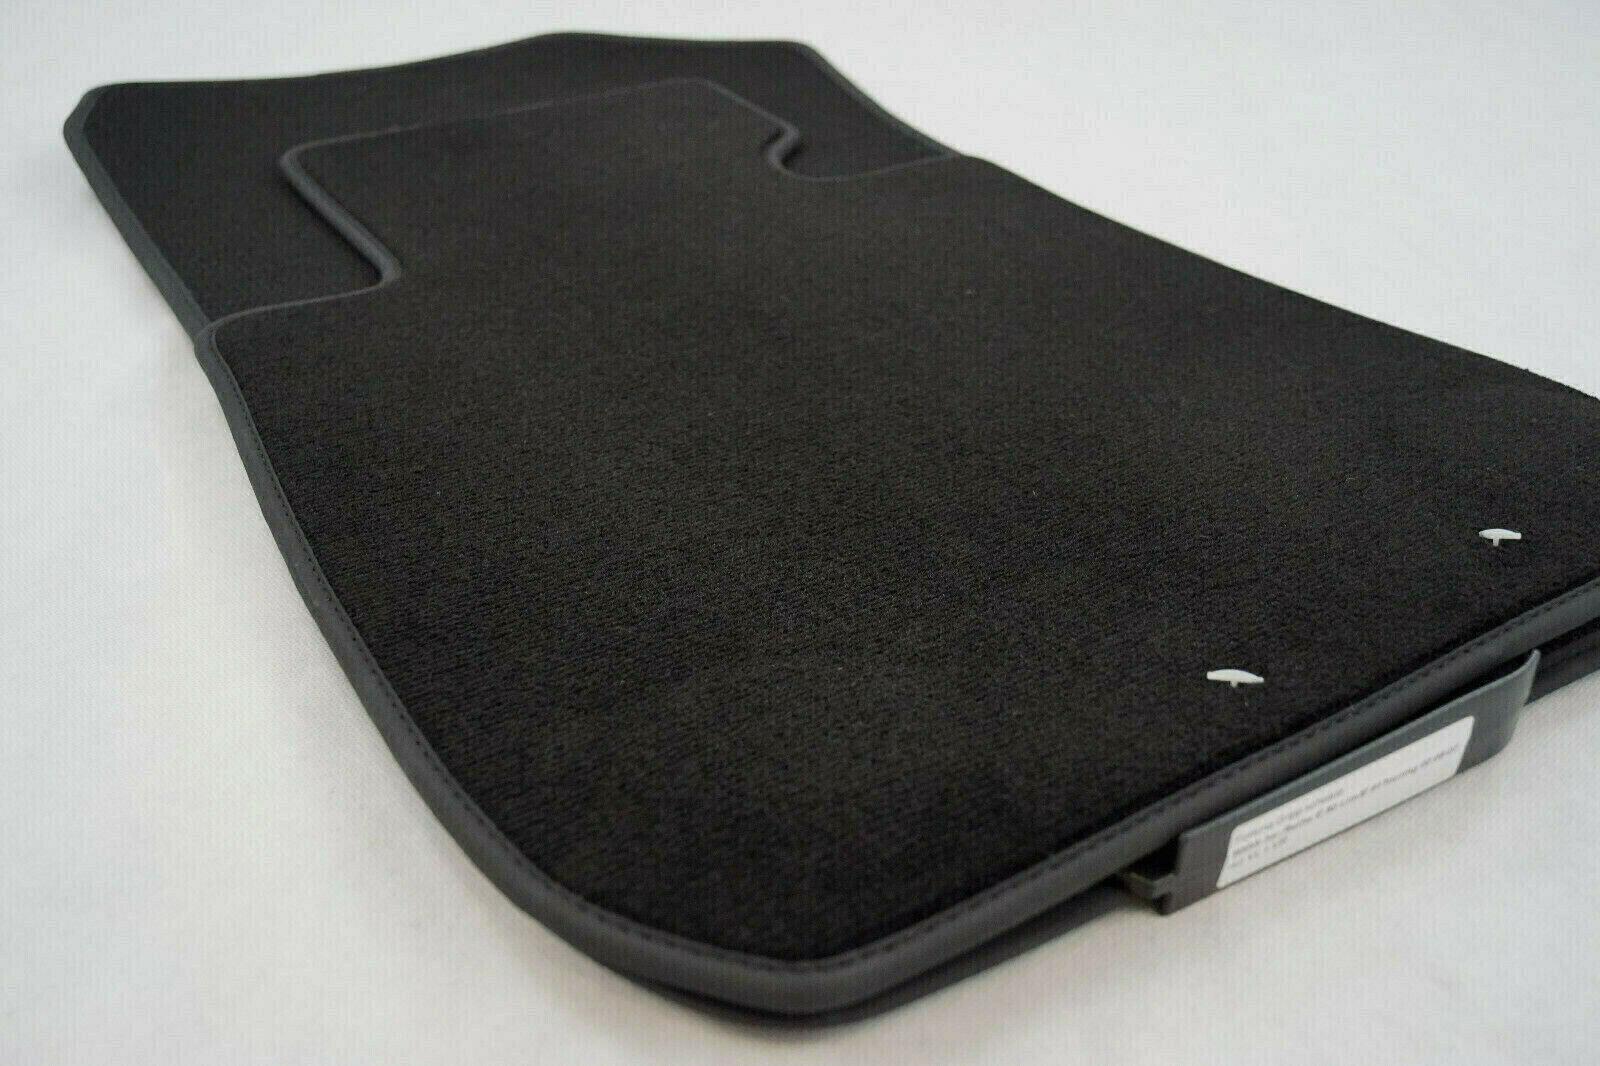 NEU $$$ $$$ Fußmatten passend für BMW E90 E91 3er PREMIUM Velours 20mm dick